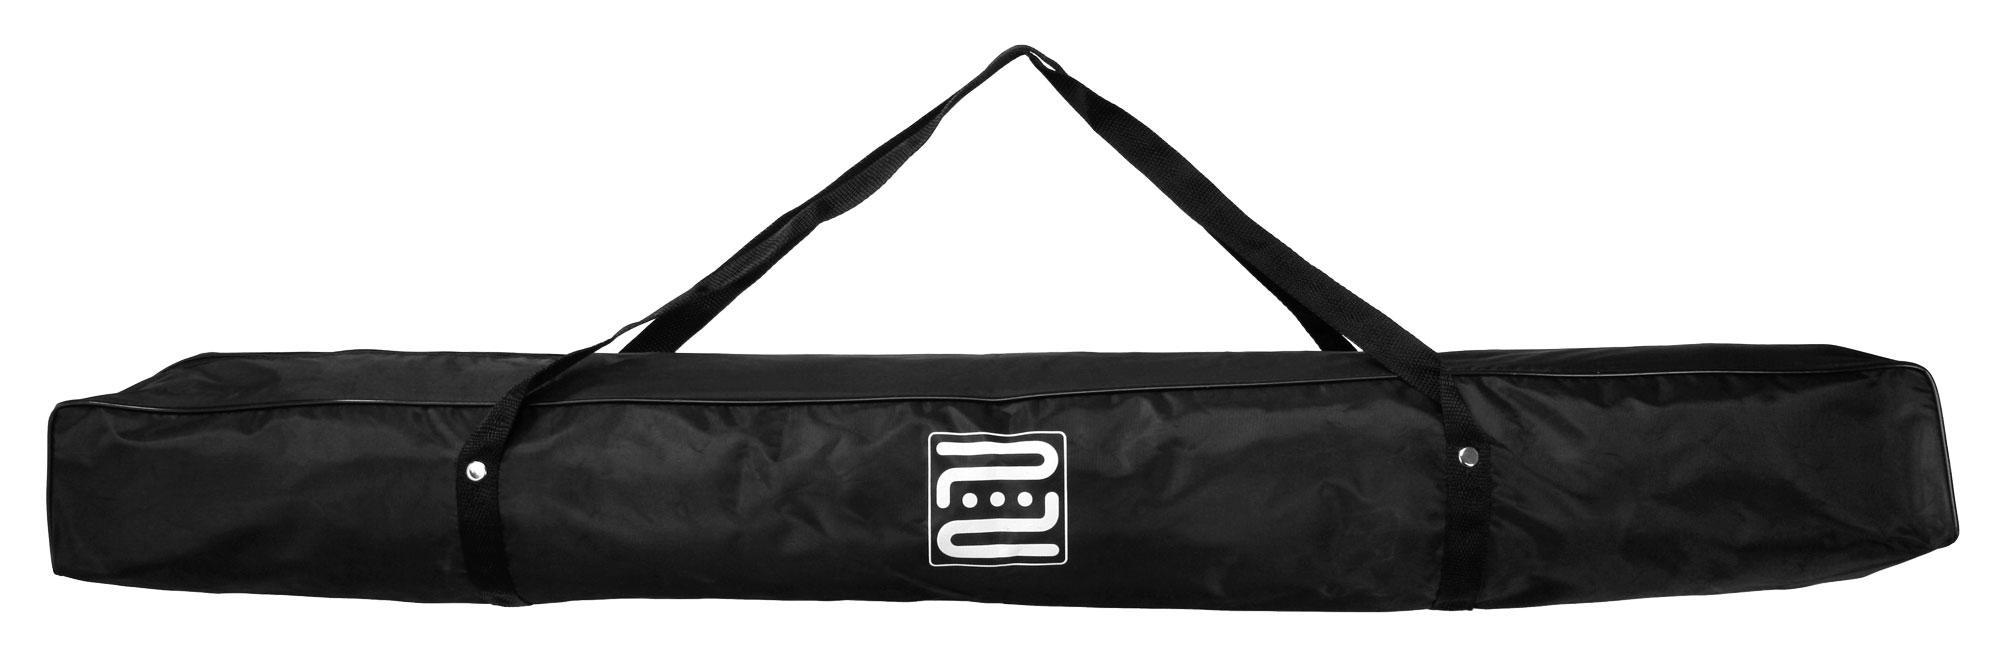 Pronomic Tasche für Boxen oder Mikrofonstative